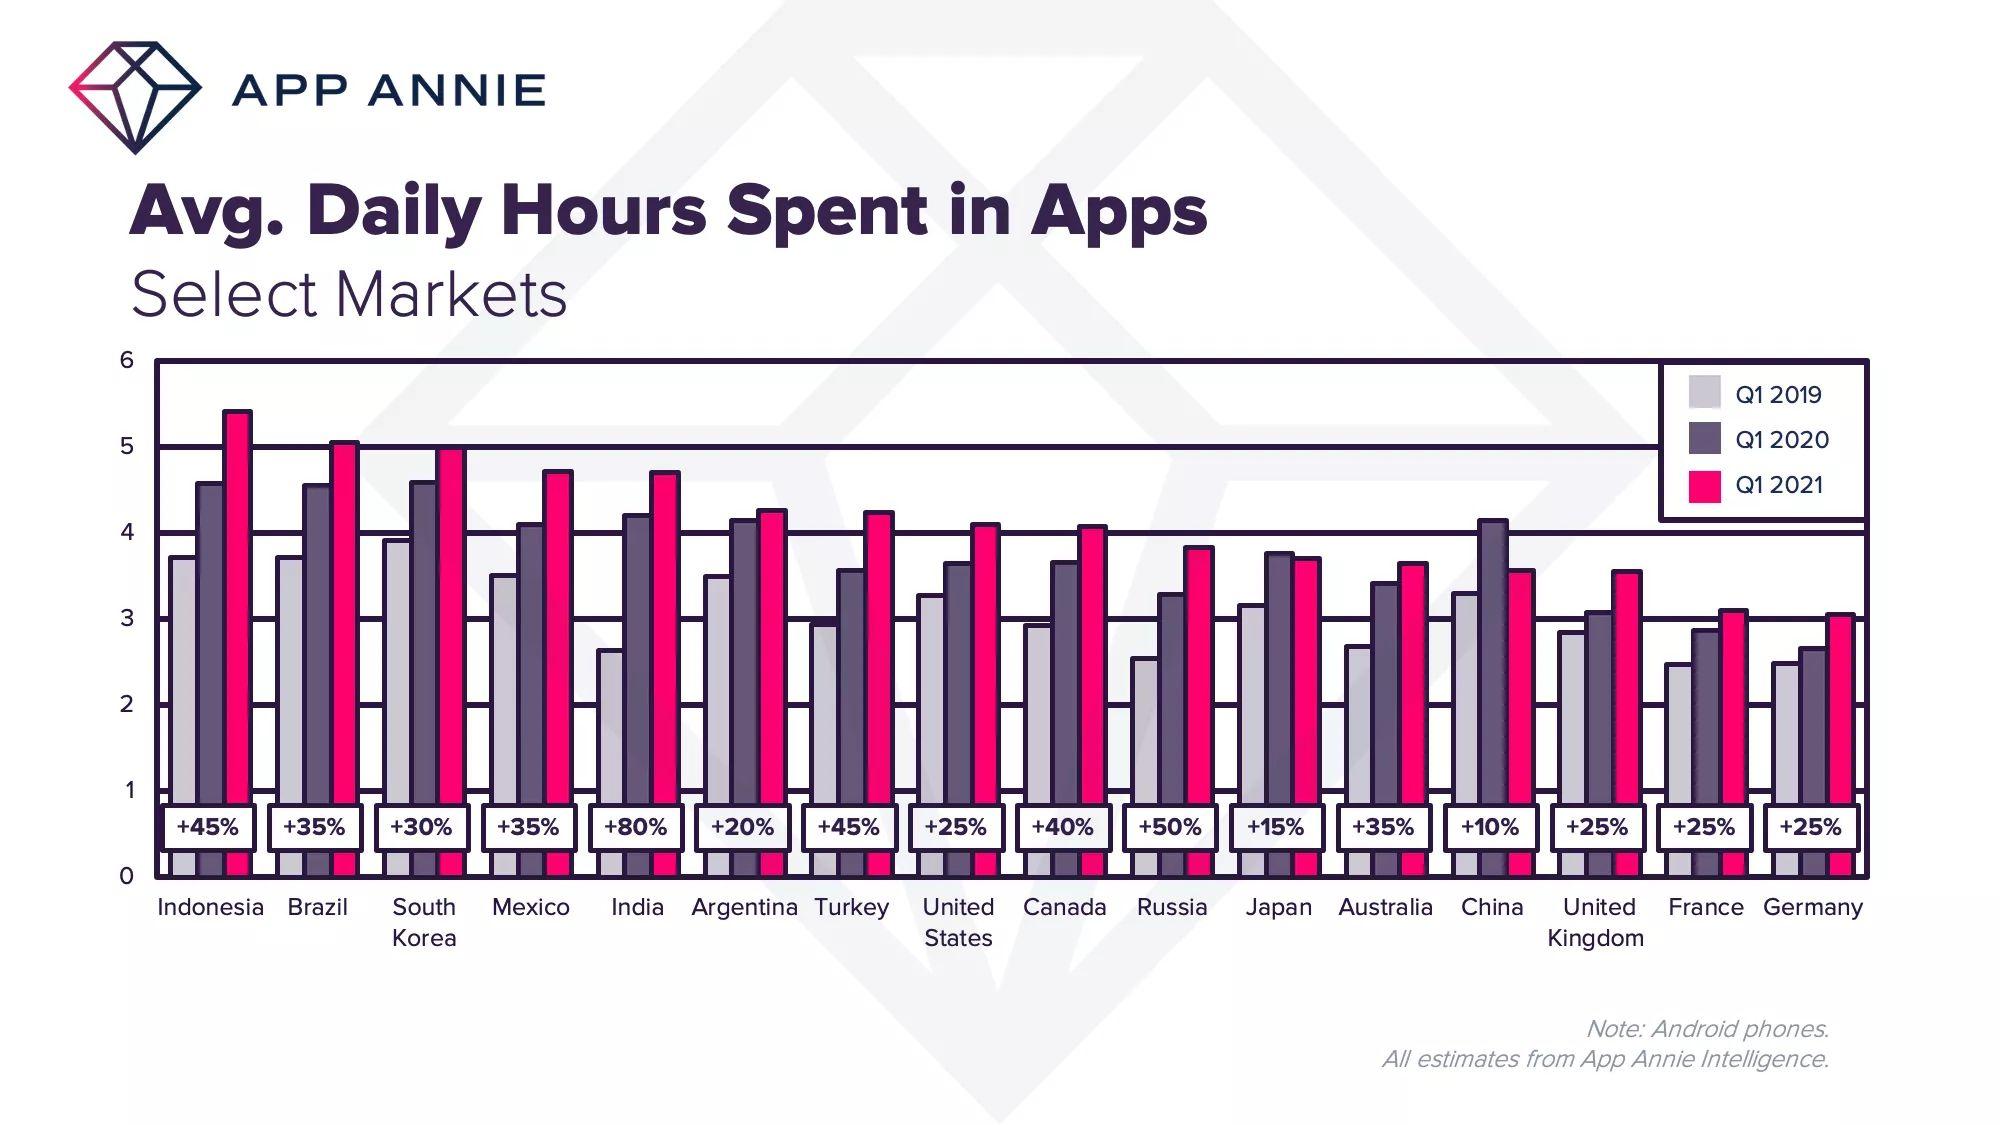 Приложения в среднем в день